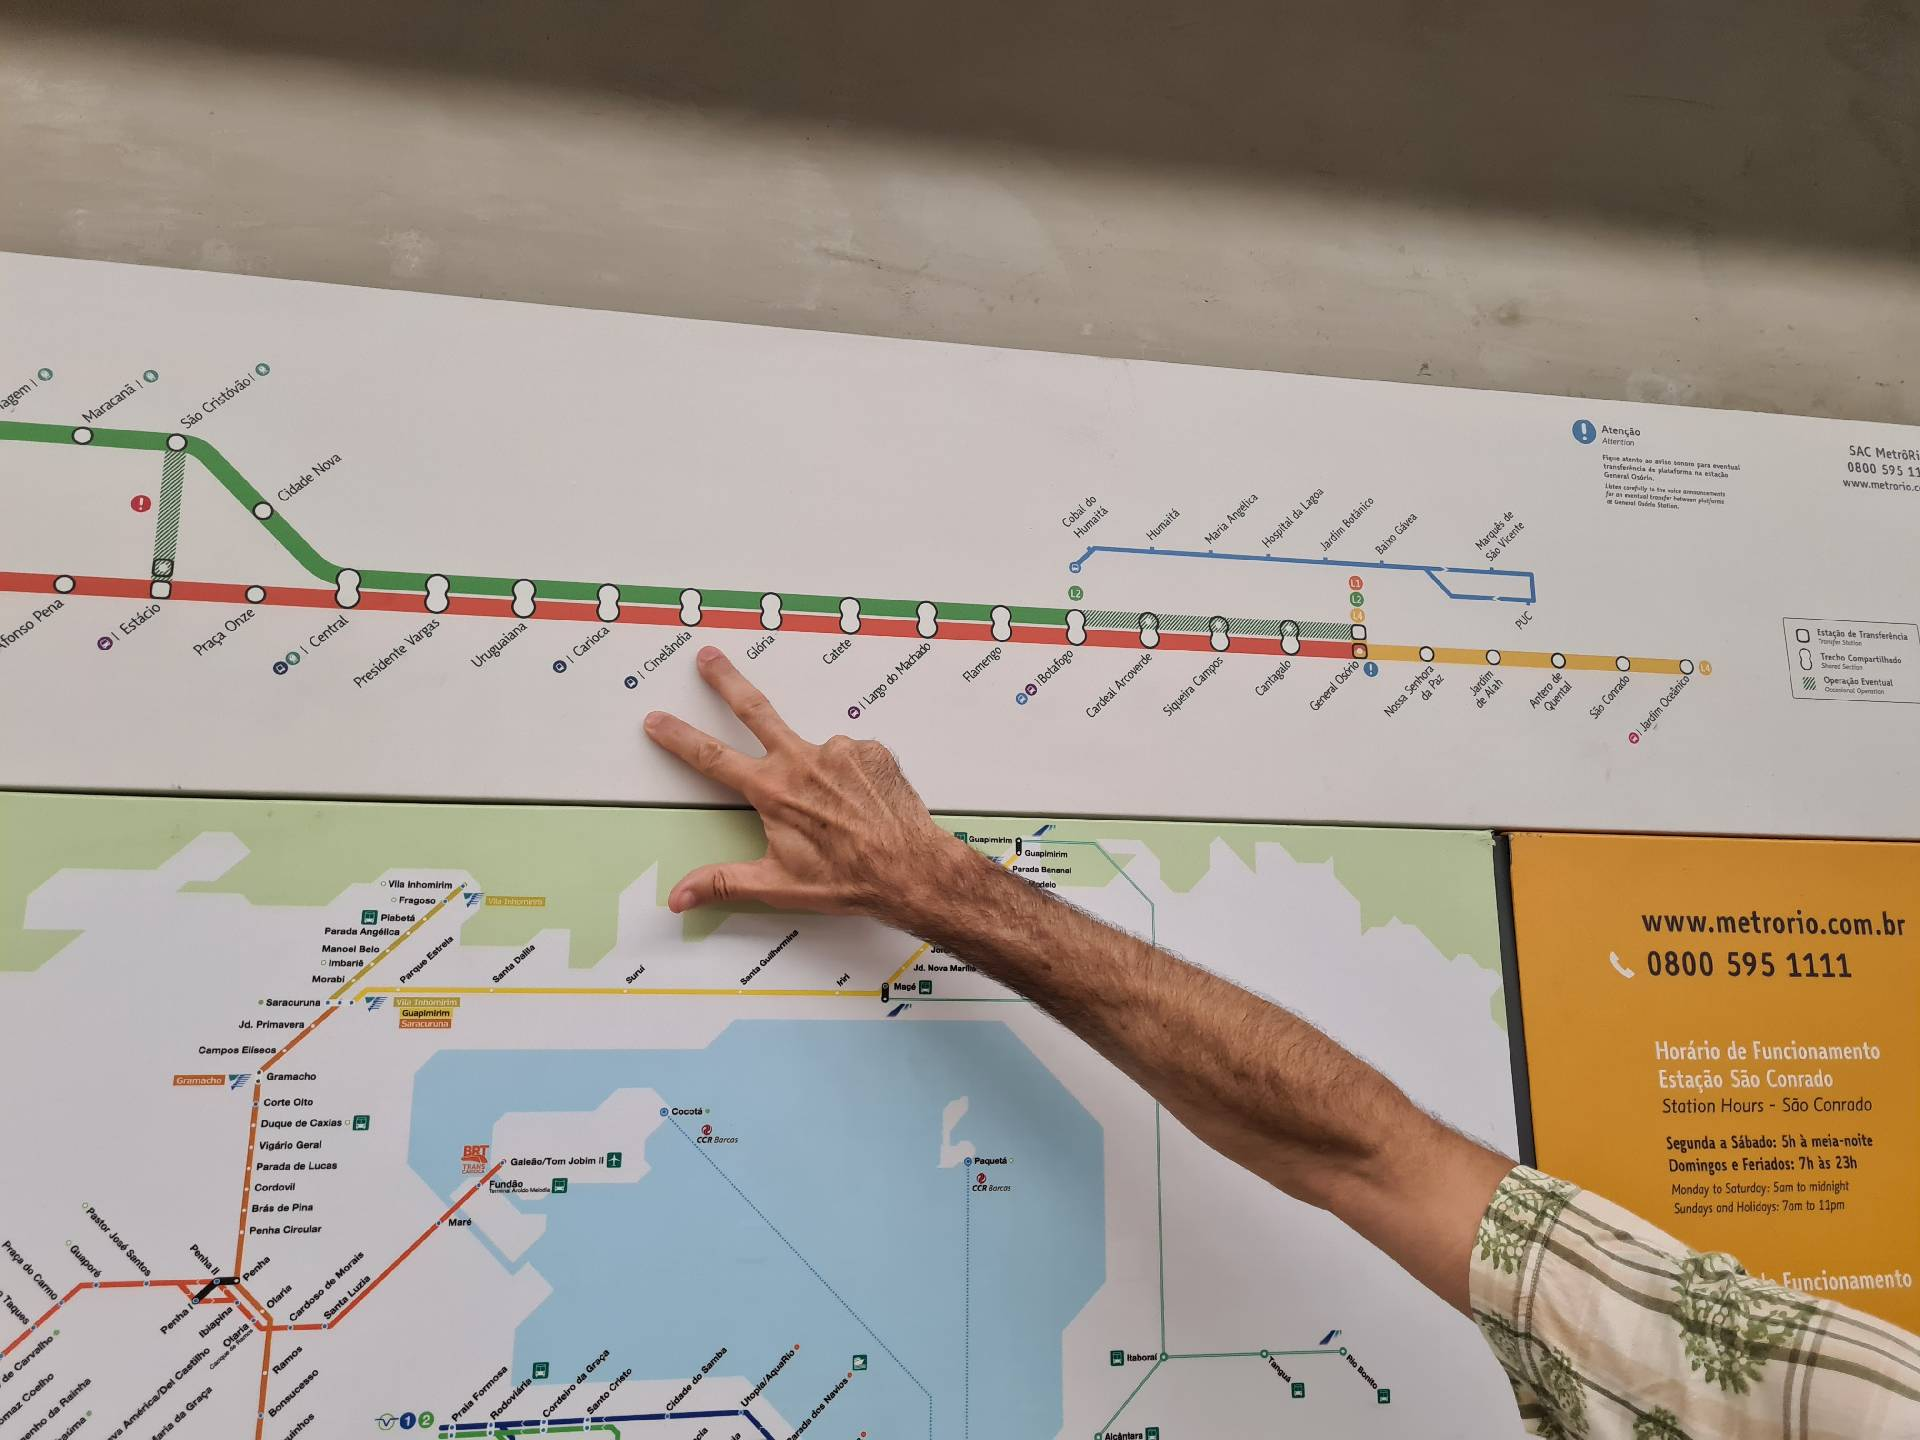 схема метро Рио-де-Жанейро